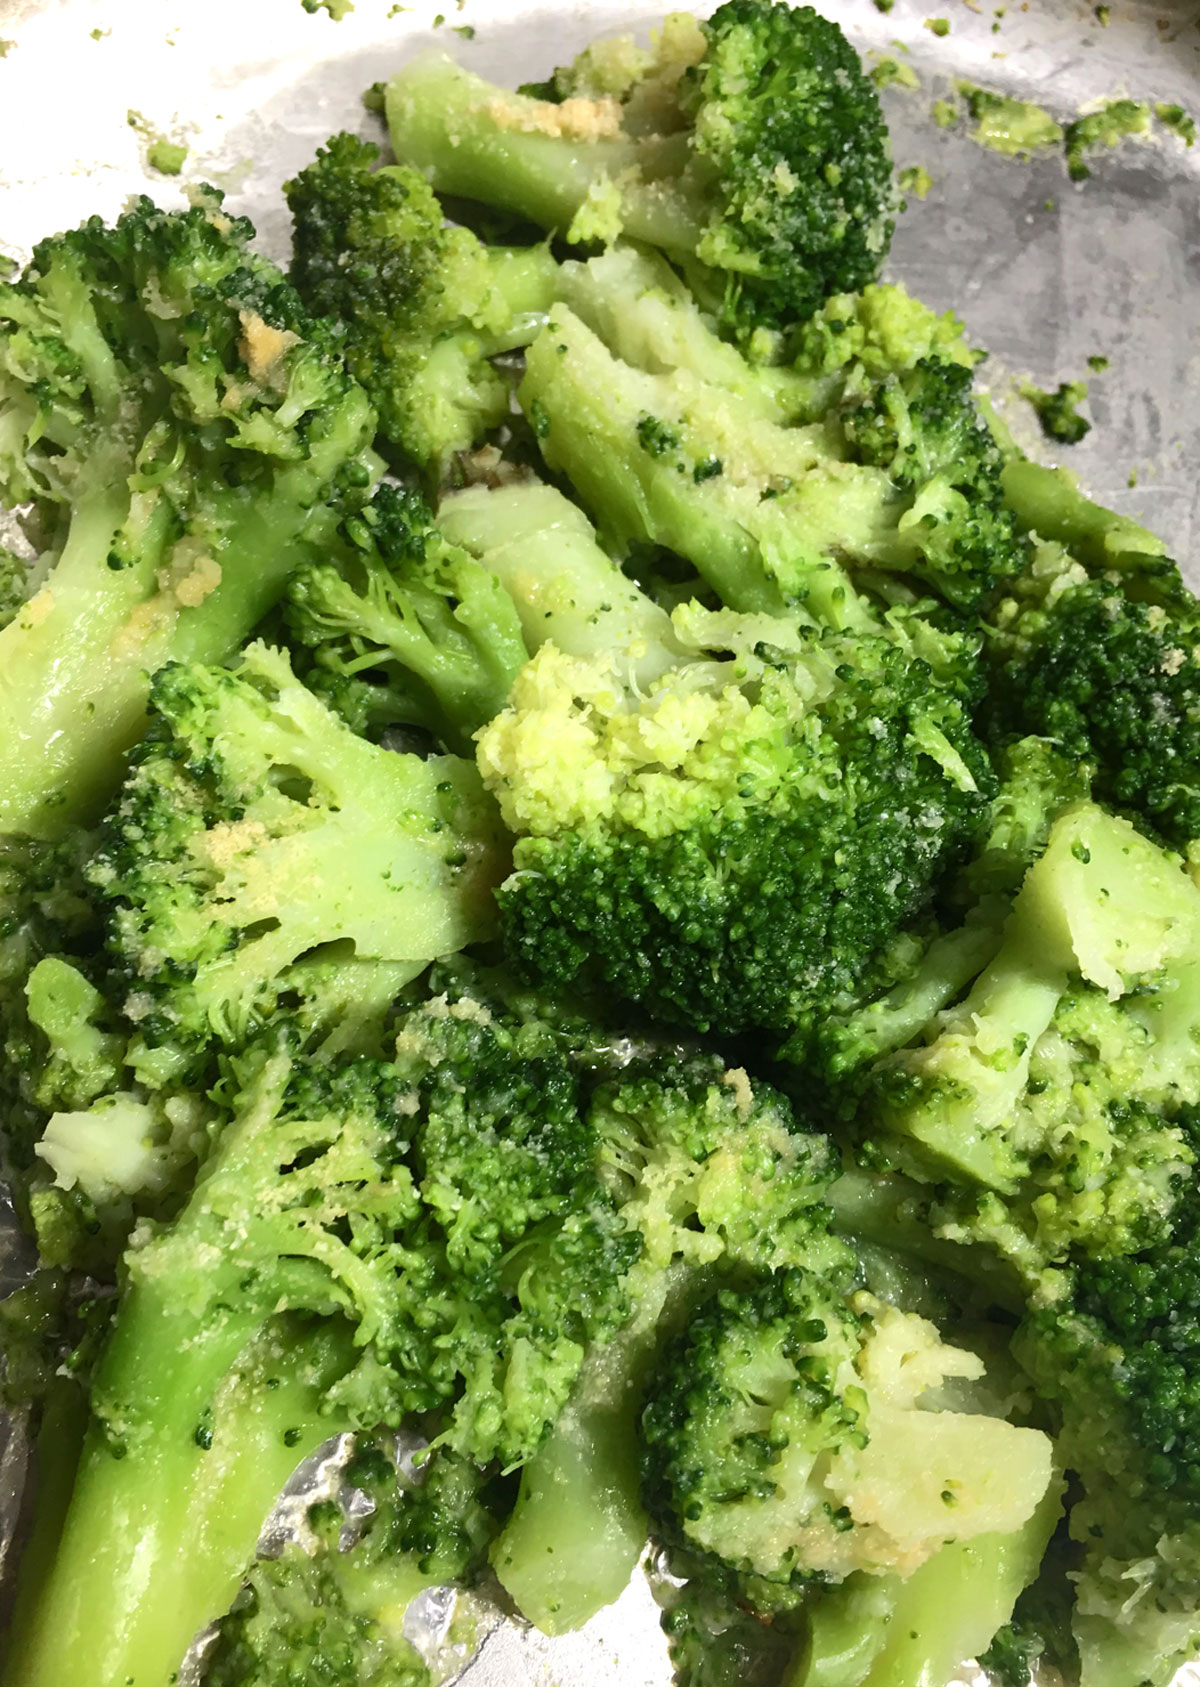 frozen broccoli stir fry